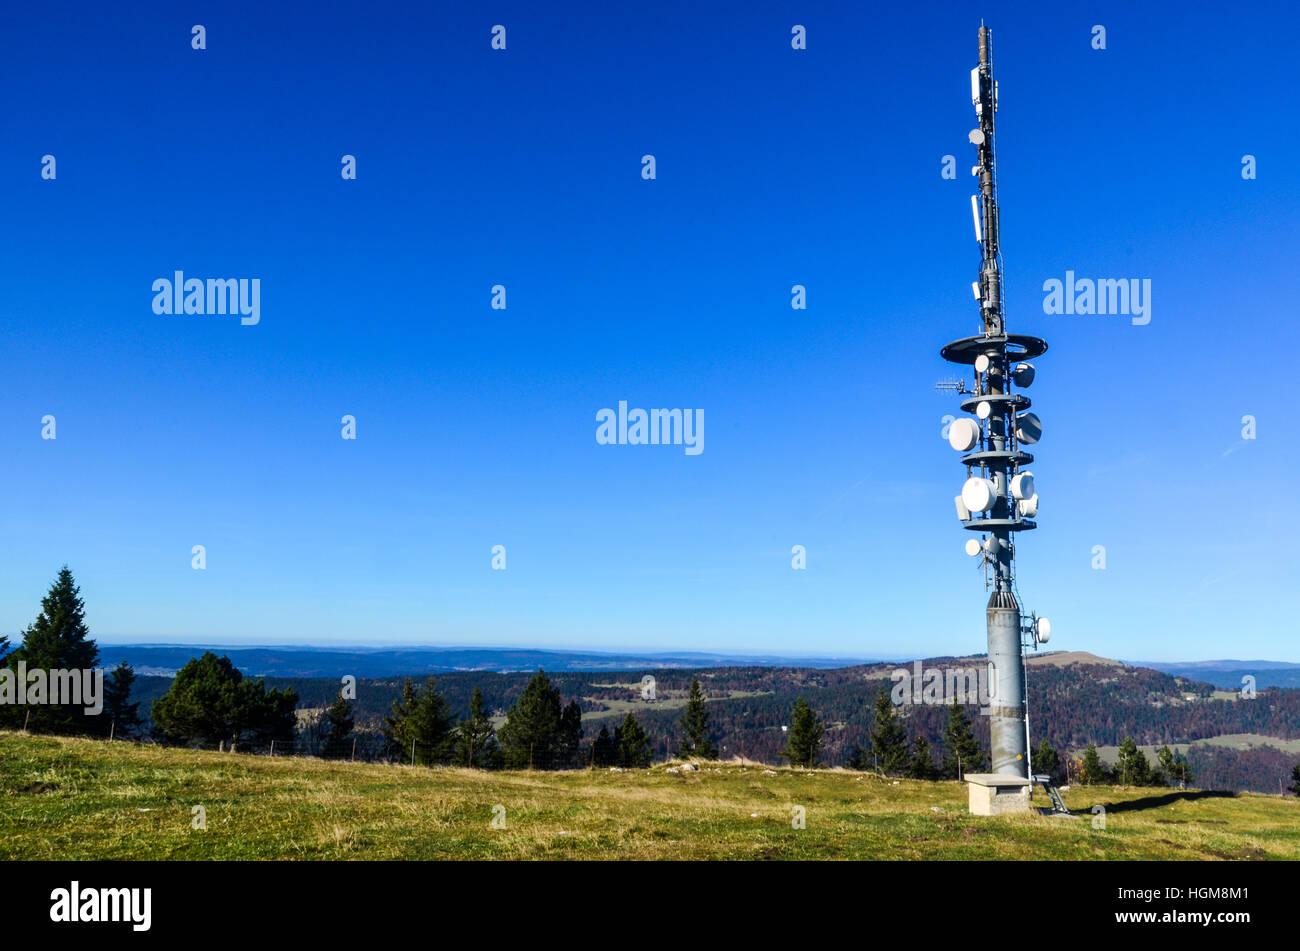 Torre cellulare sul Dent de Vaulion nel Giura svizzero Immagini Stock